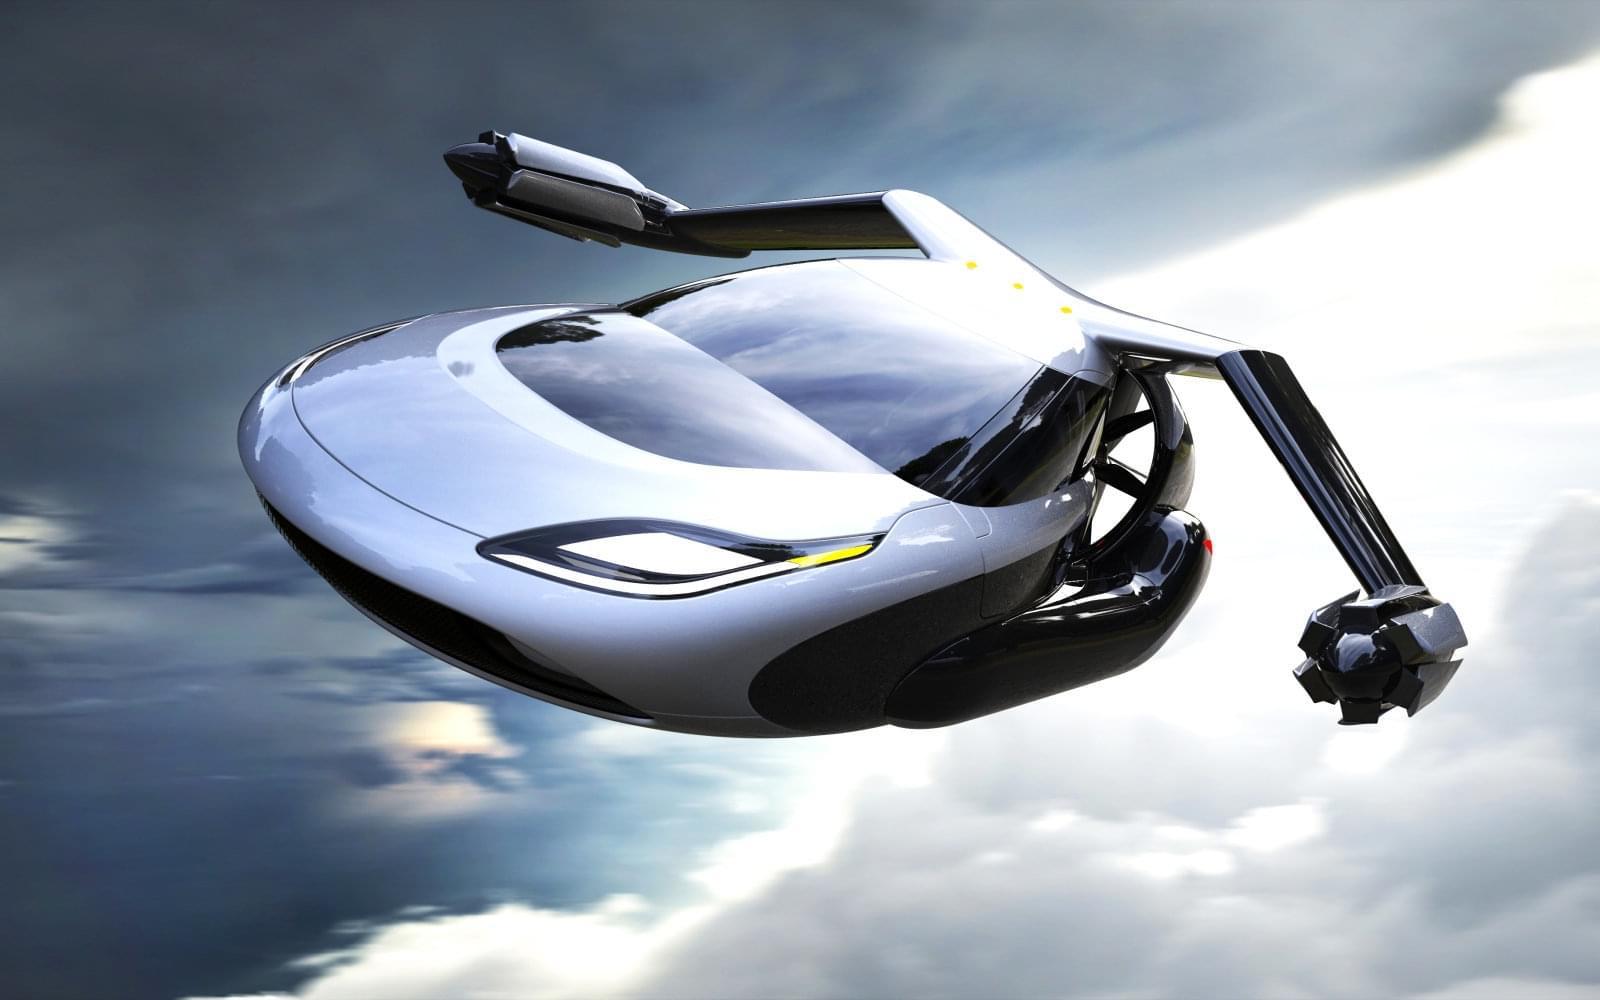 吉利完成对飞行汽车创业公司Terrafugia的收购